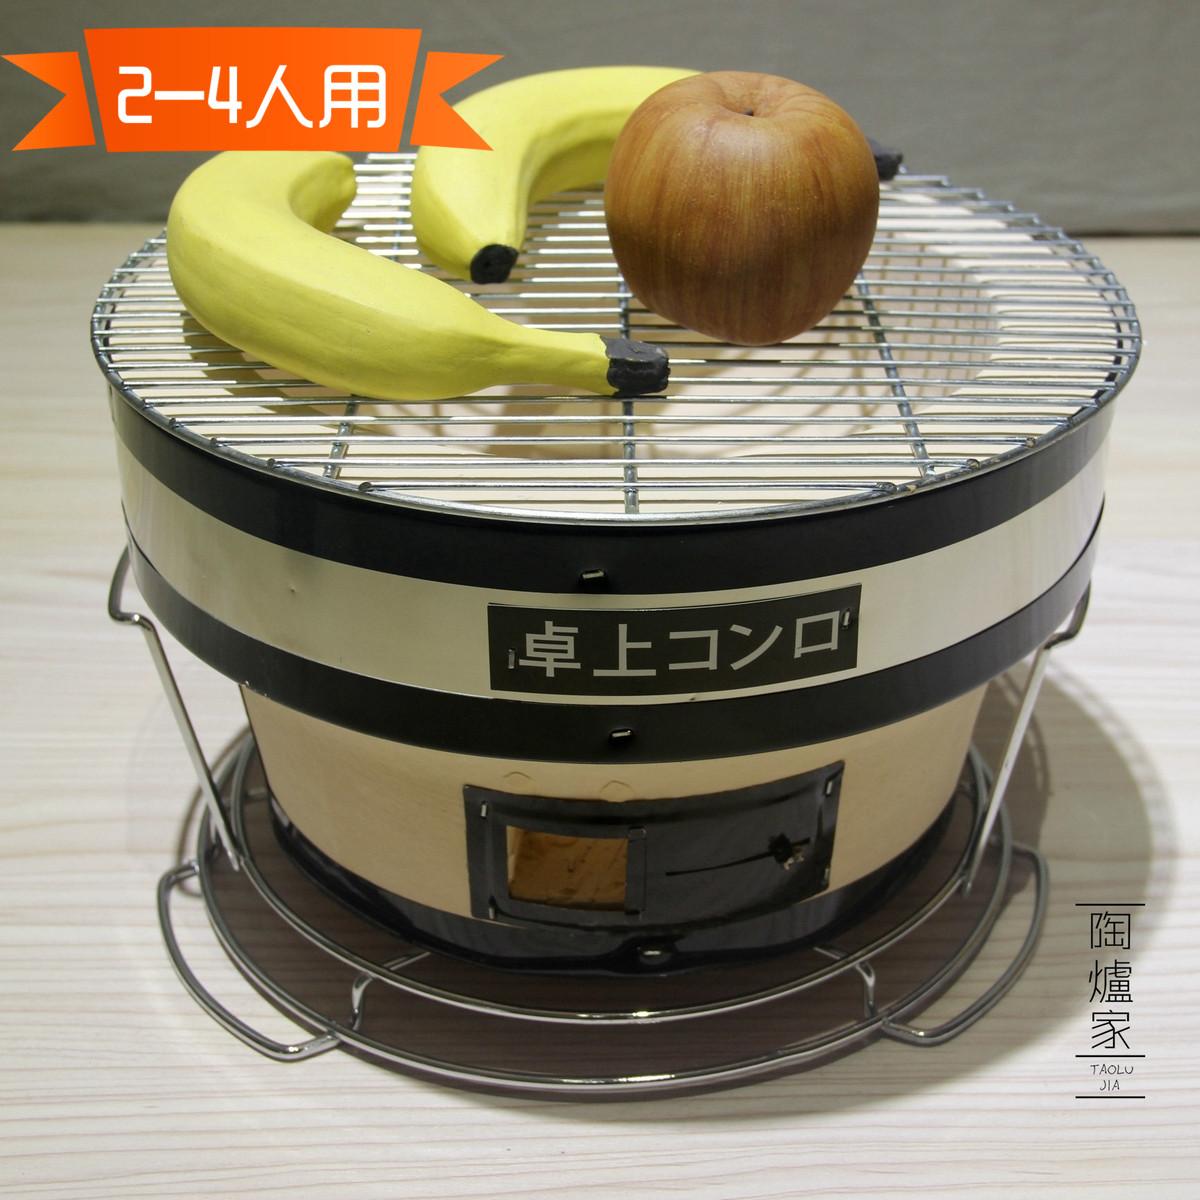 韓国式の陶磁器のあぶり焼炉の炭の焼肉のストーブのテーブルの上で日本式の炭のオーブン焼きの円炉